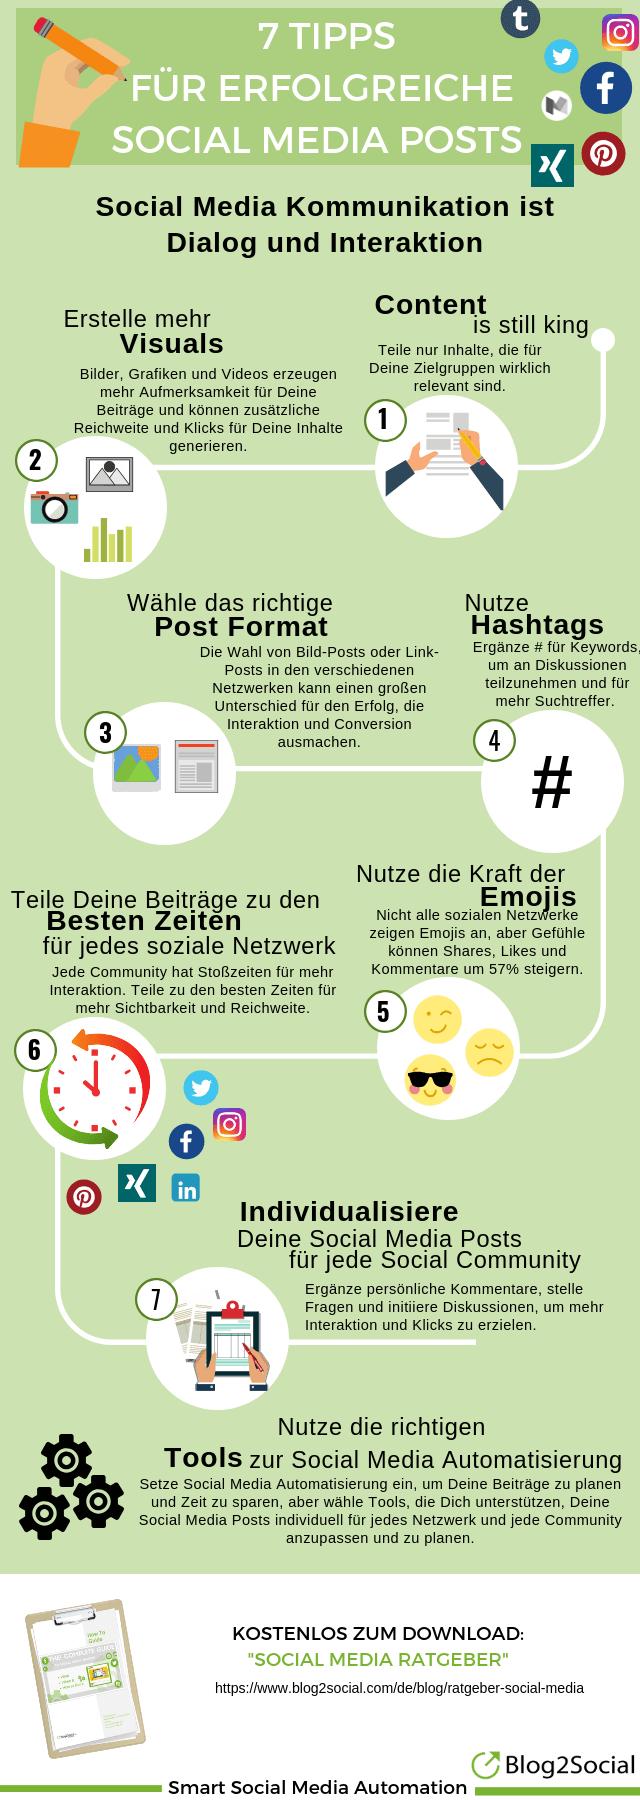 7 Tipps für erfolgreiche Social Media Posts